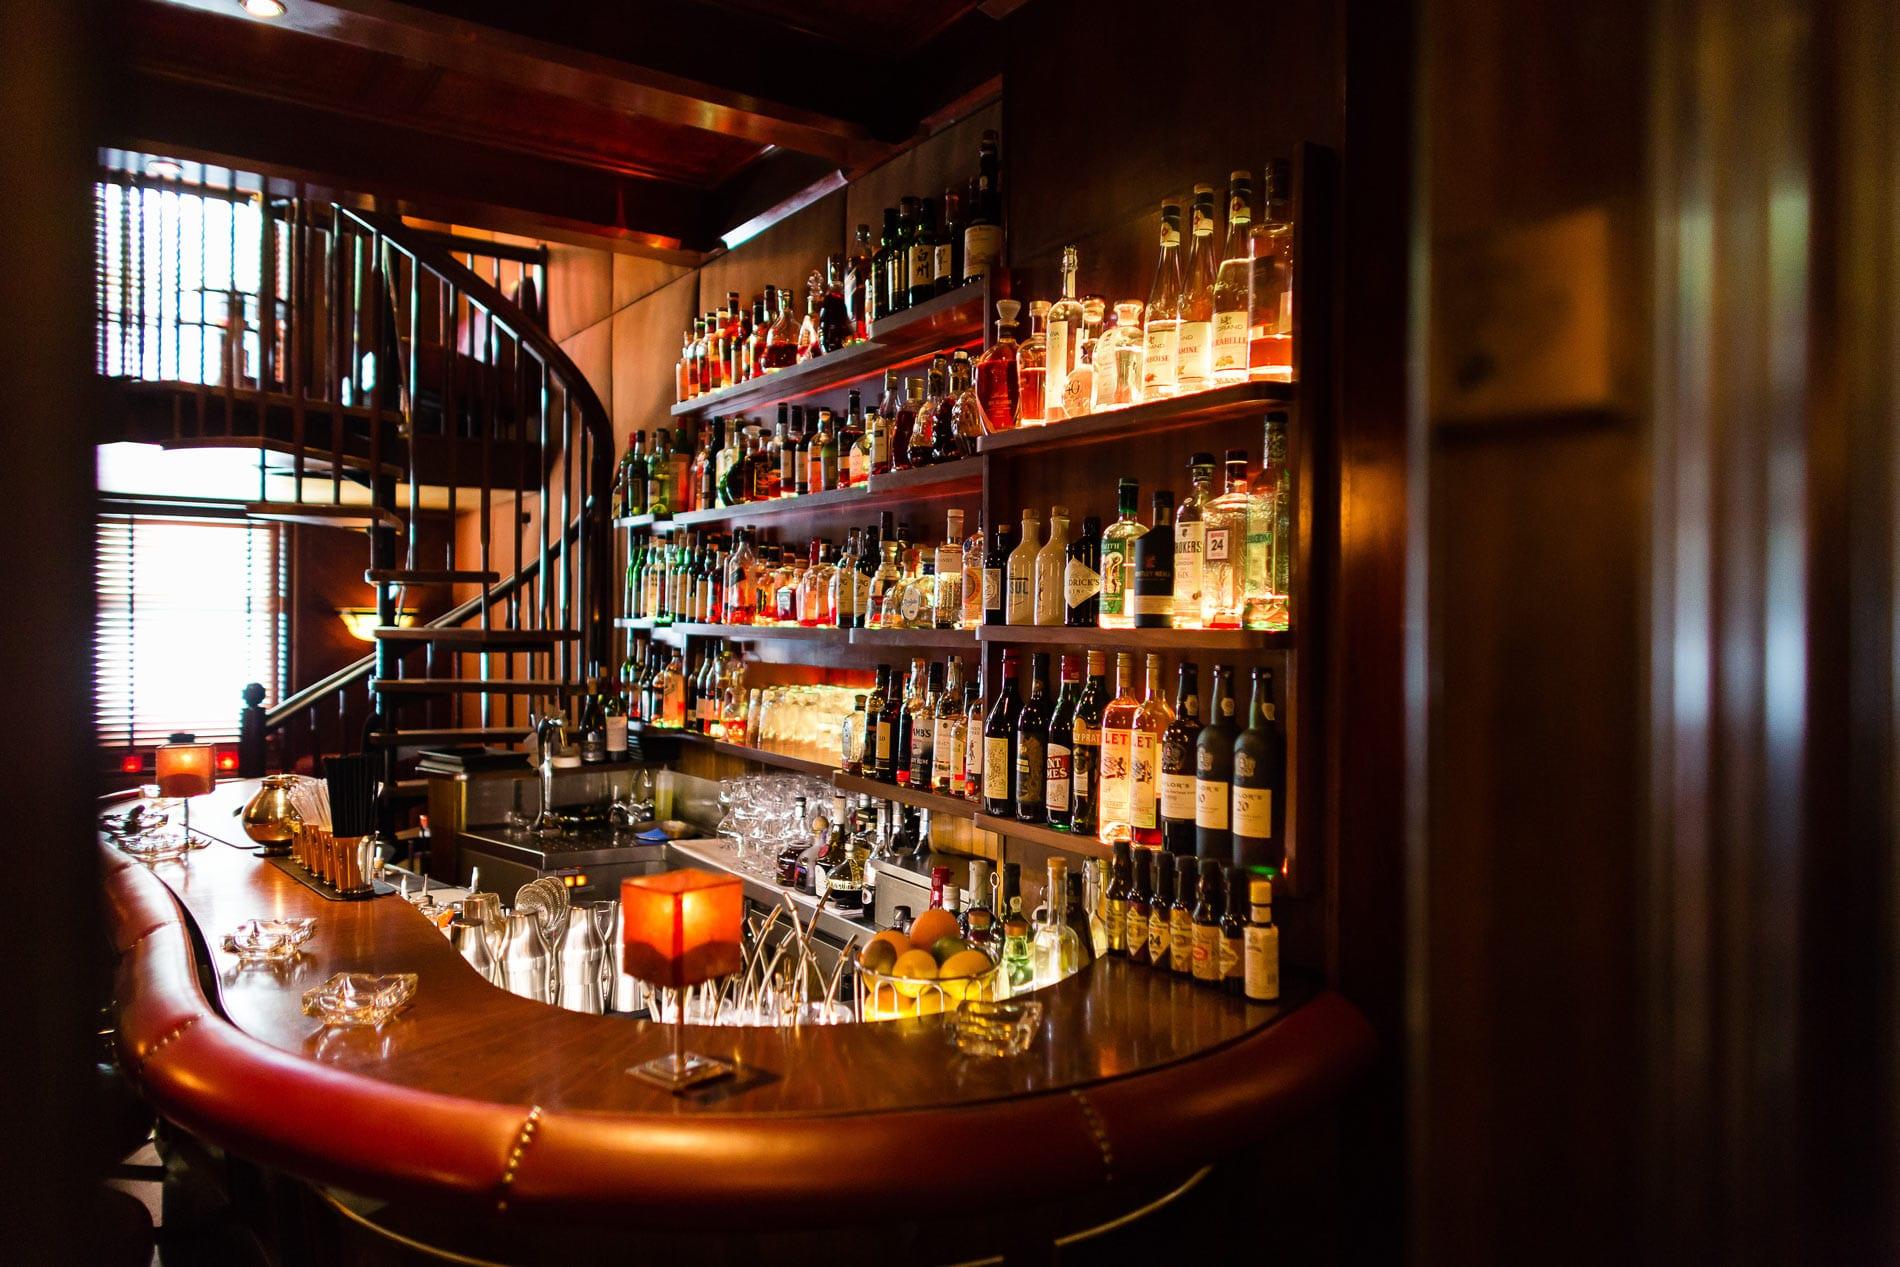 Vier Jahreszeiten Bar Fairmont Hotel Hamburg | Mixology Barguide